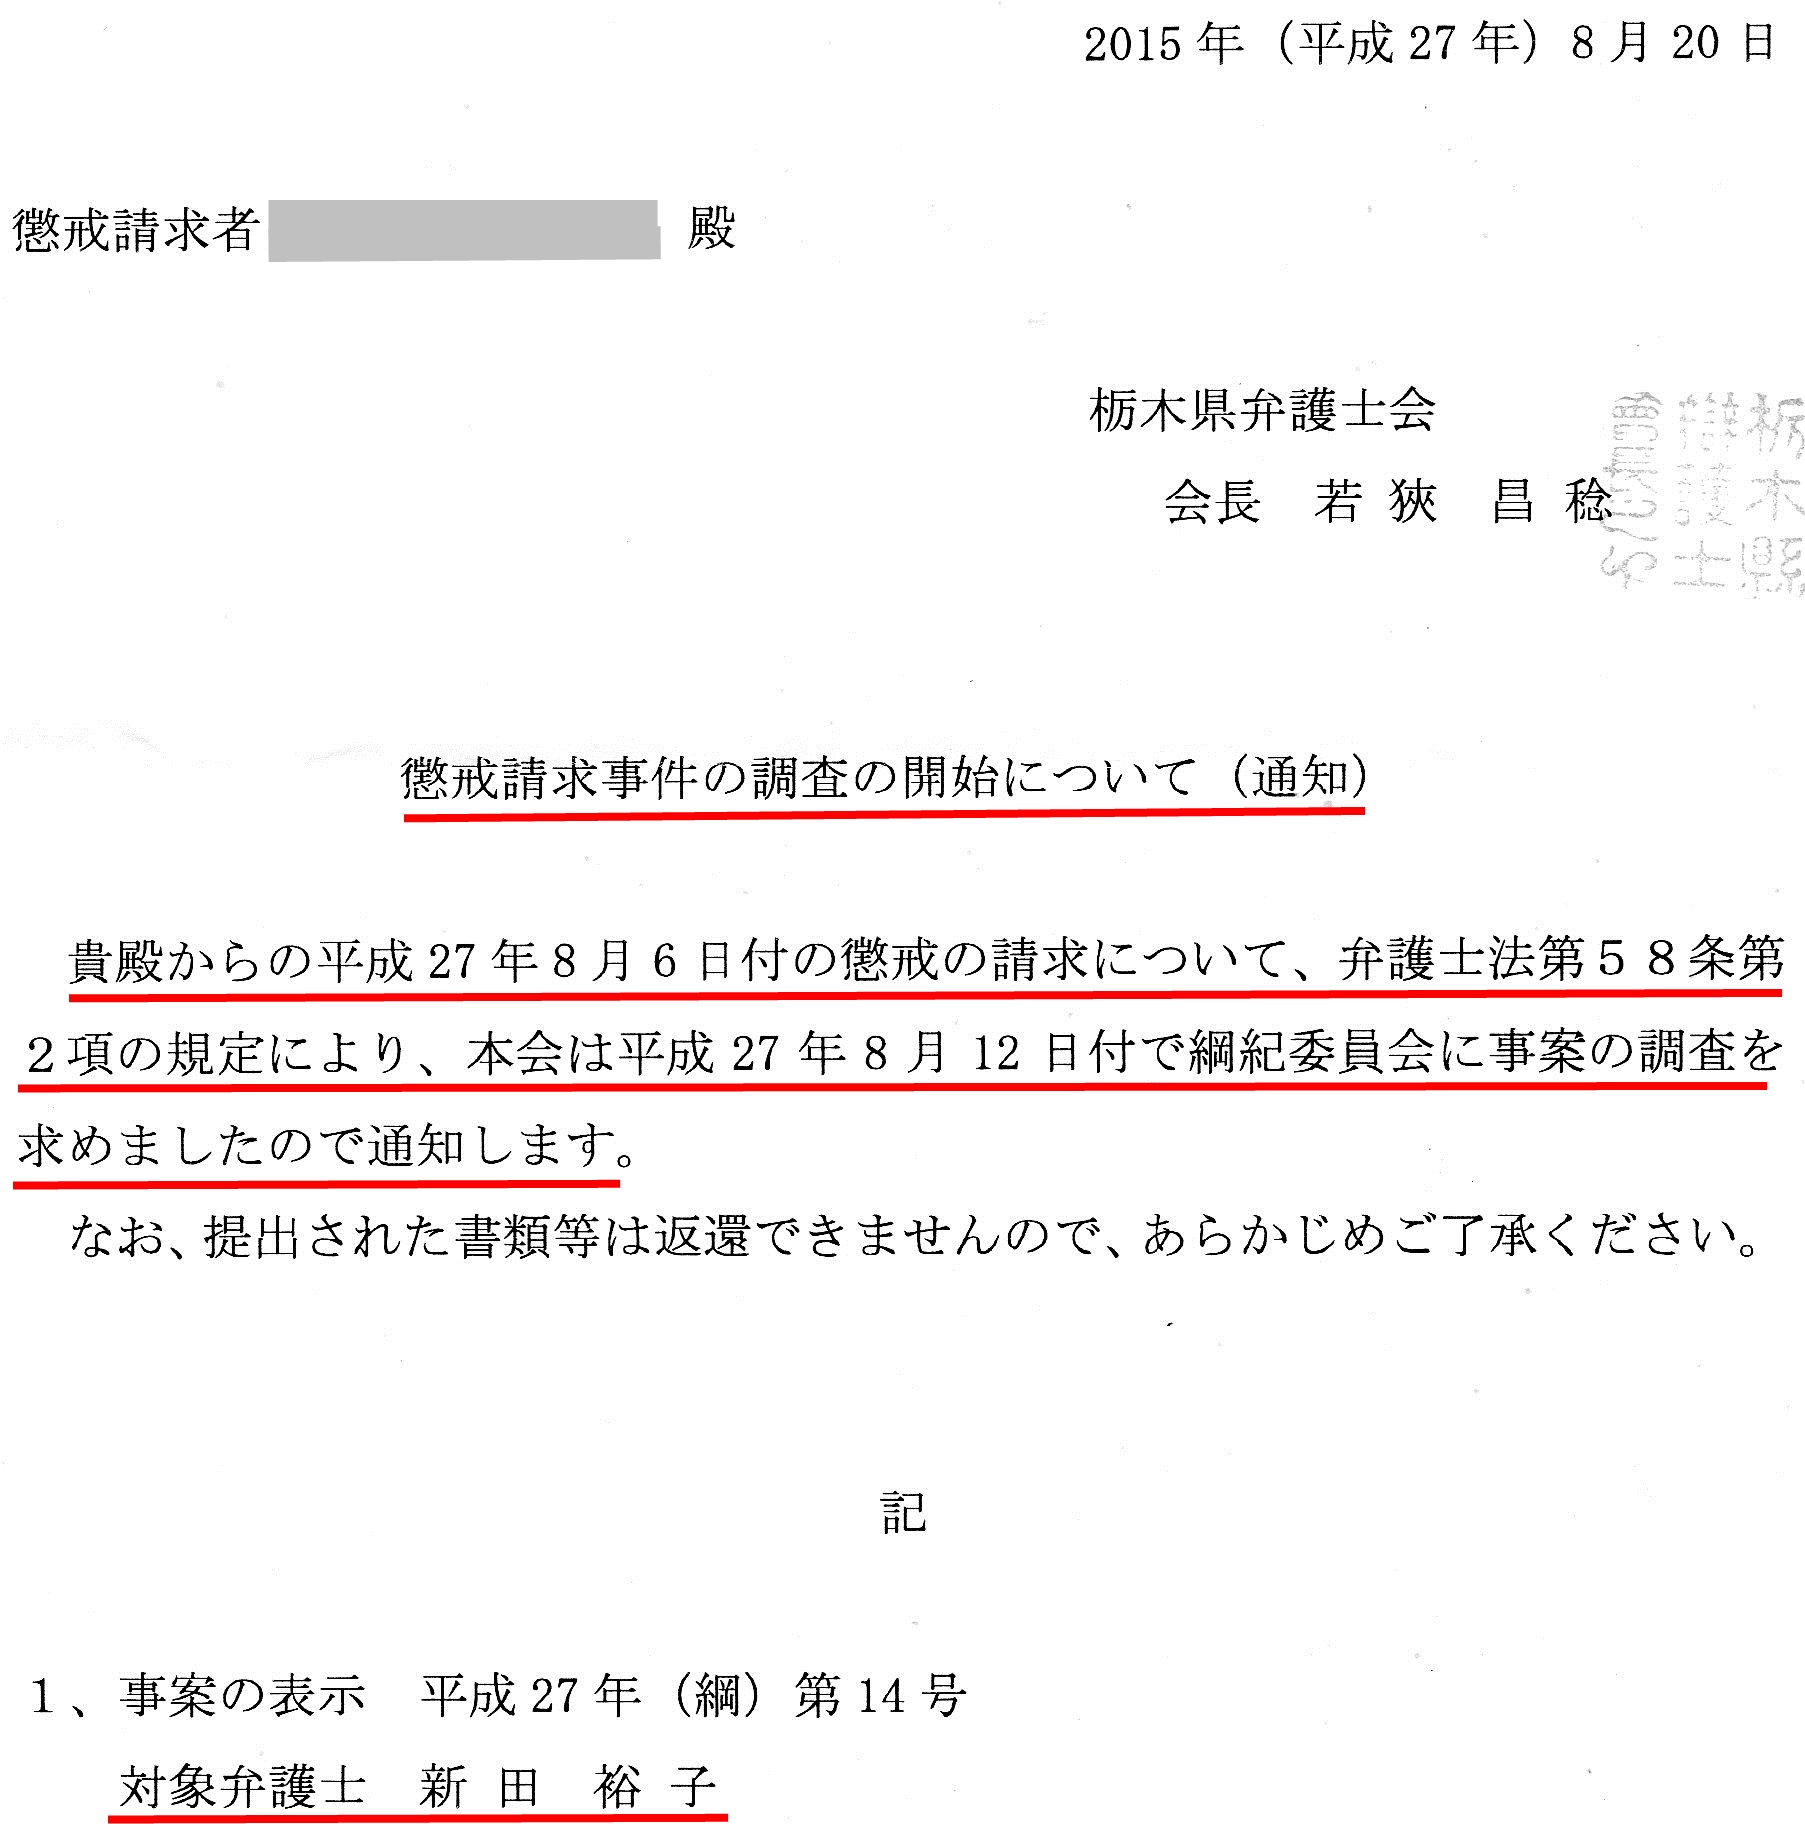 新田裕子弁護士懲戒審査開始